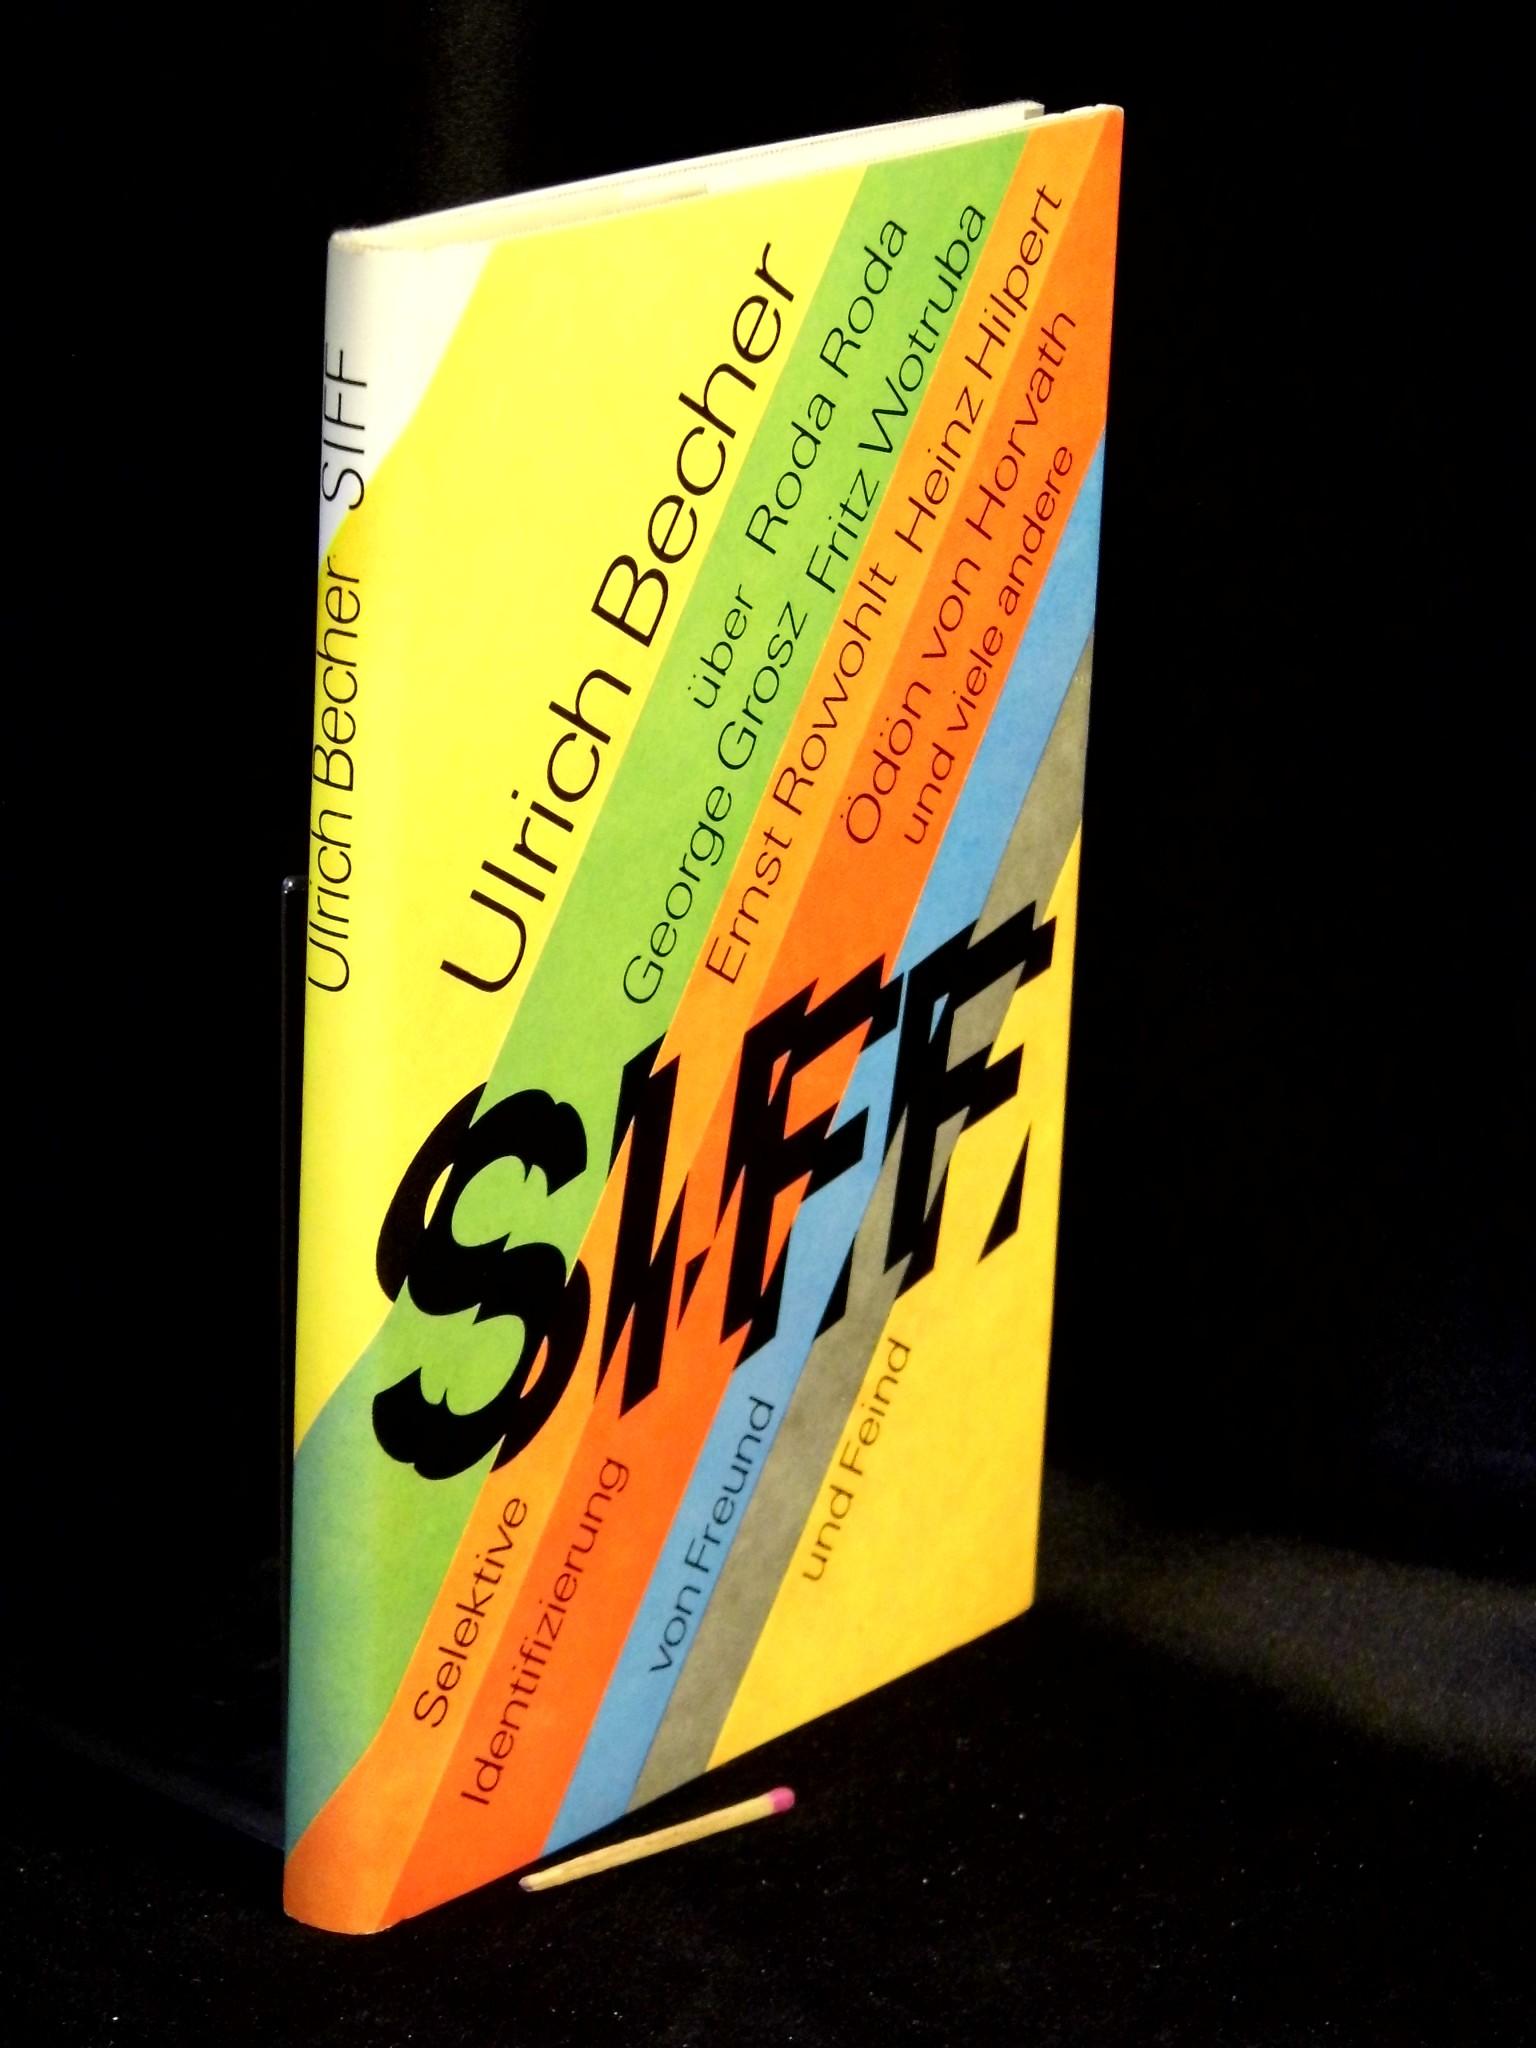 SIFF-Selektive-Identifizierung-von-Freund-und-Feind-Becher-Ulrich